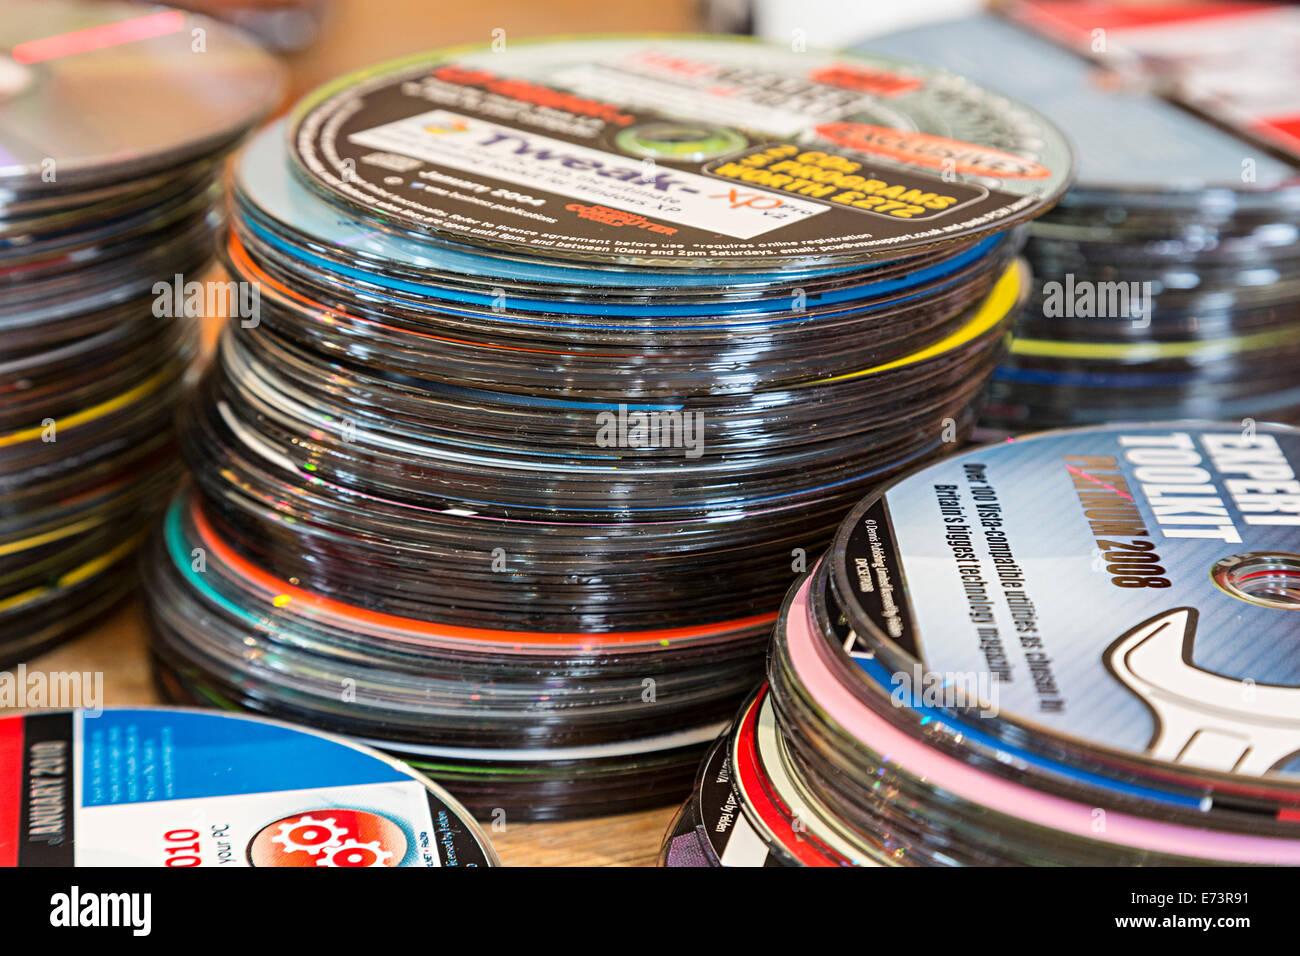 Hay montones de viejos discos CD-ROM de software libre con revistas de informática para su eliminación Imagen De Stock